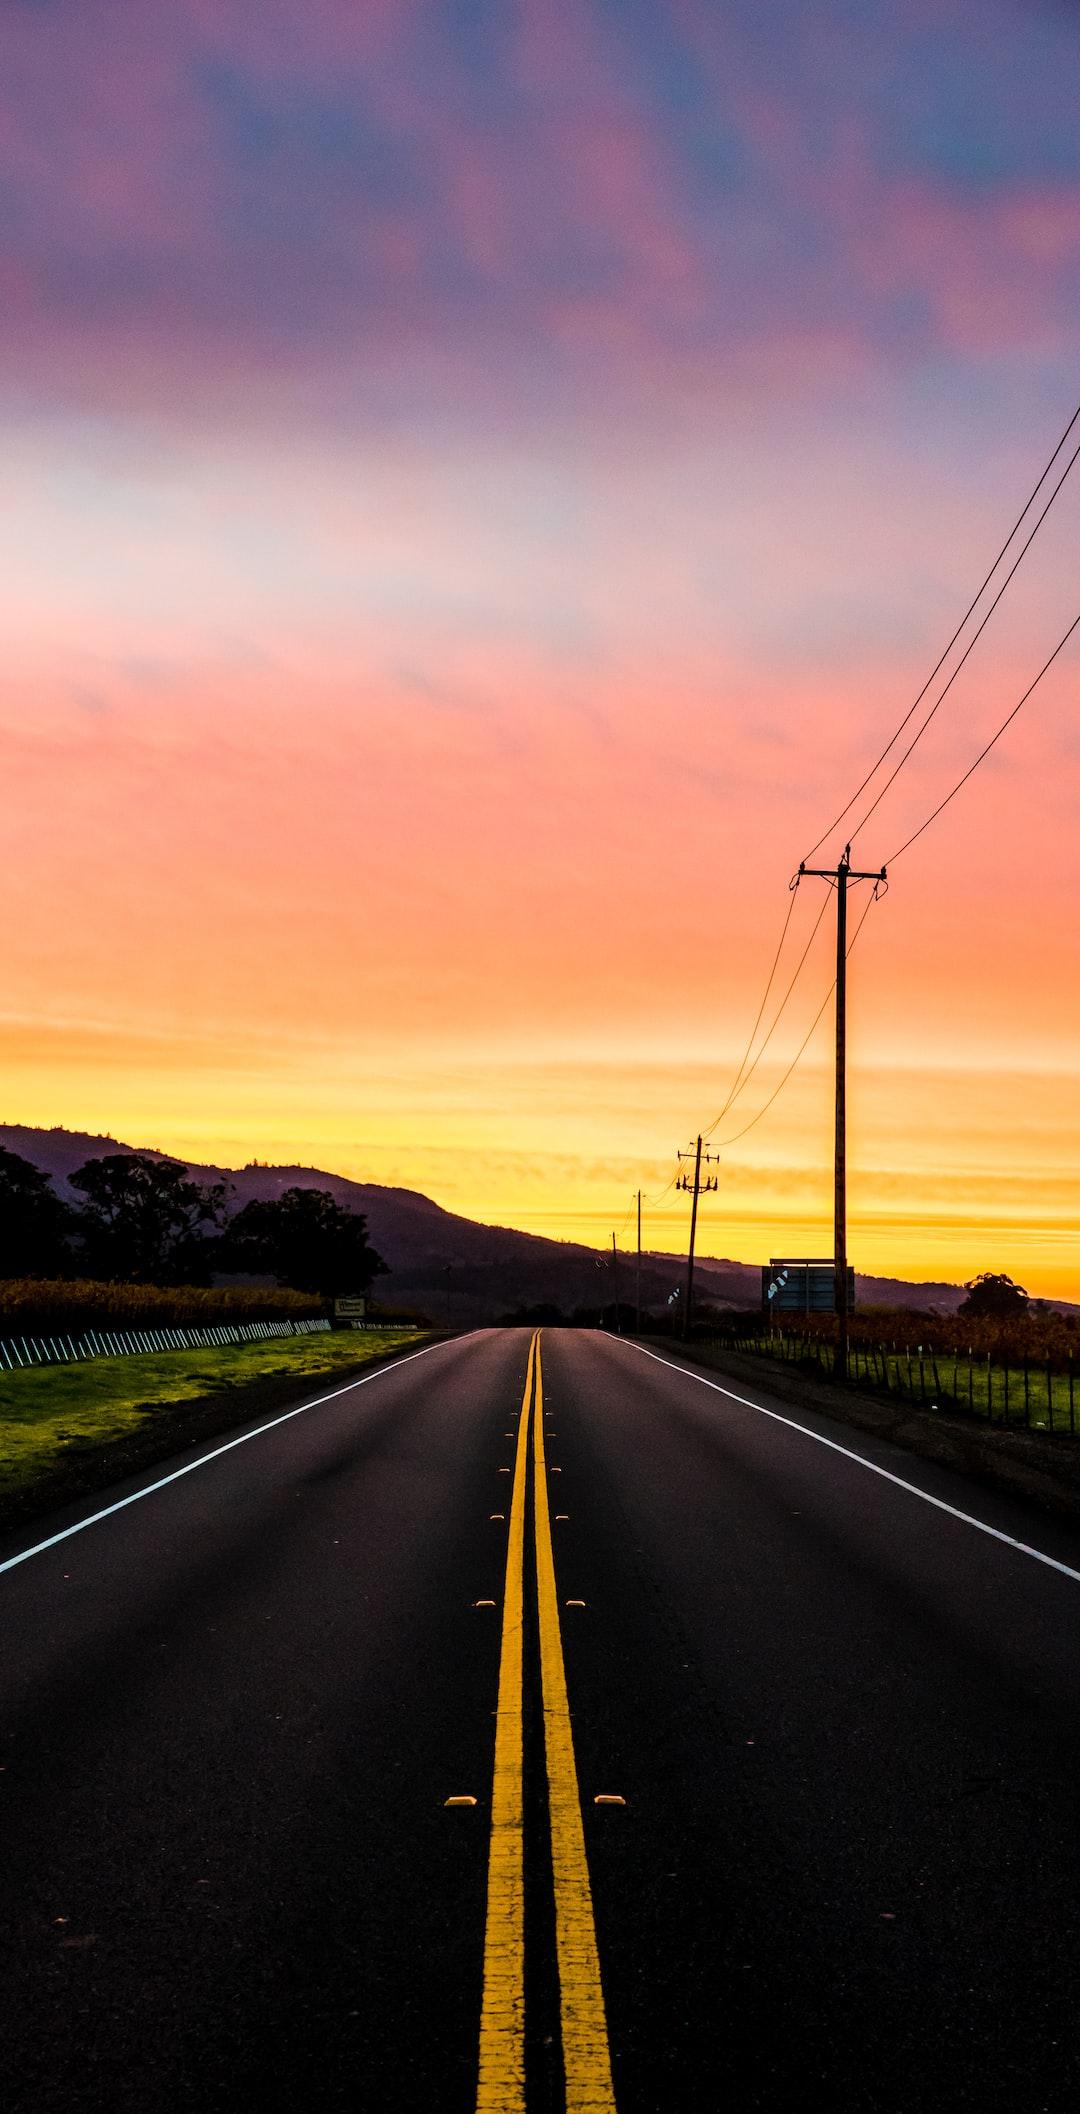 Sunrise in Sonoma county California